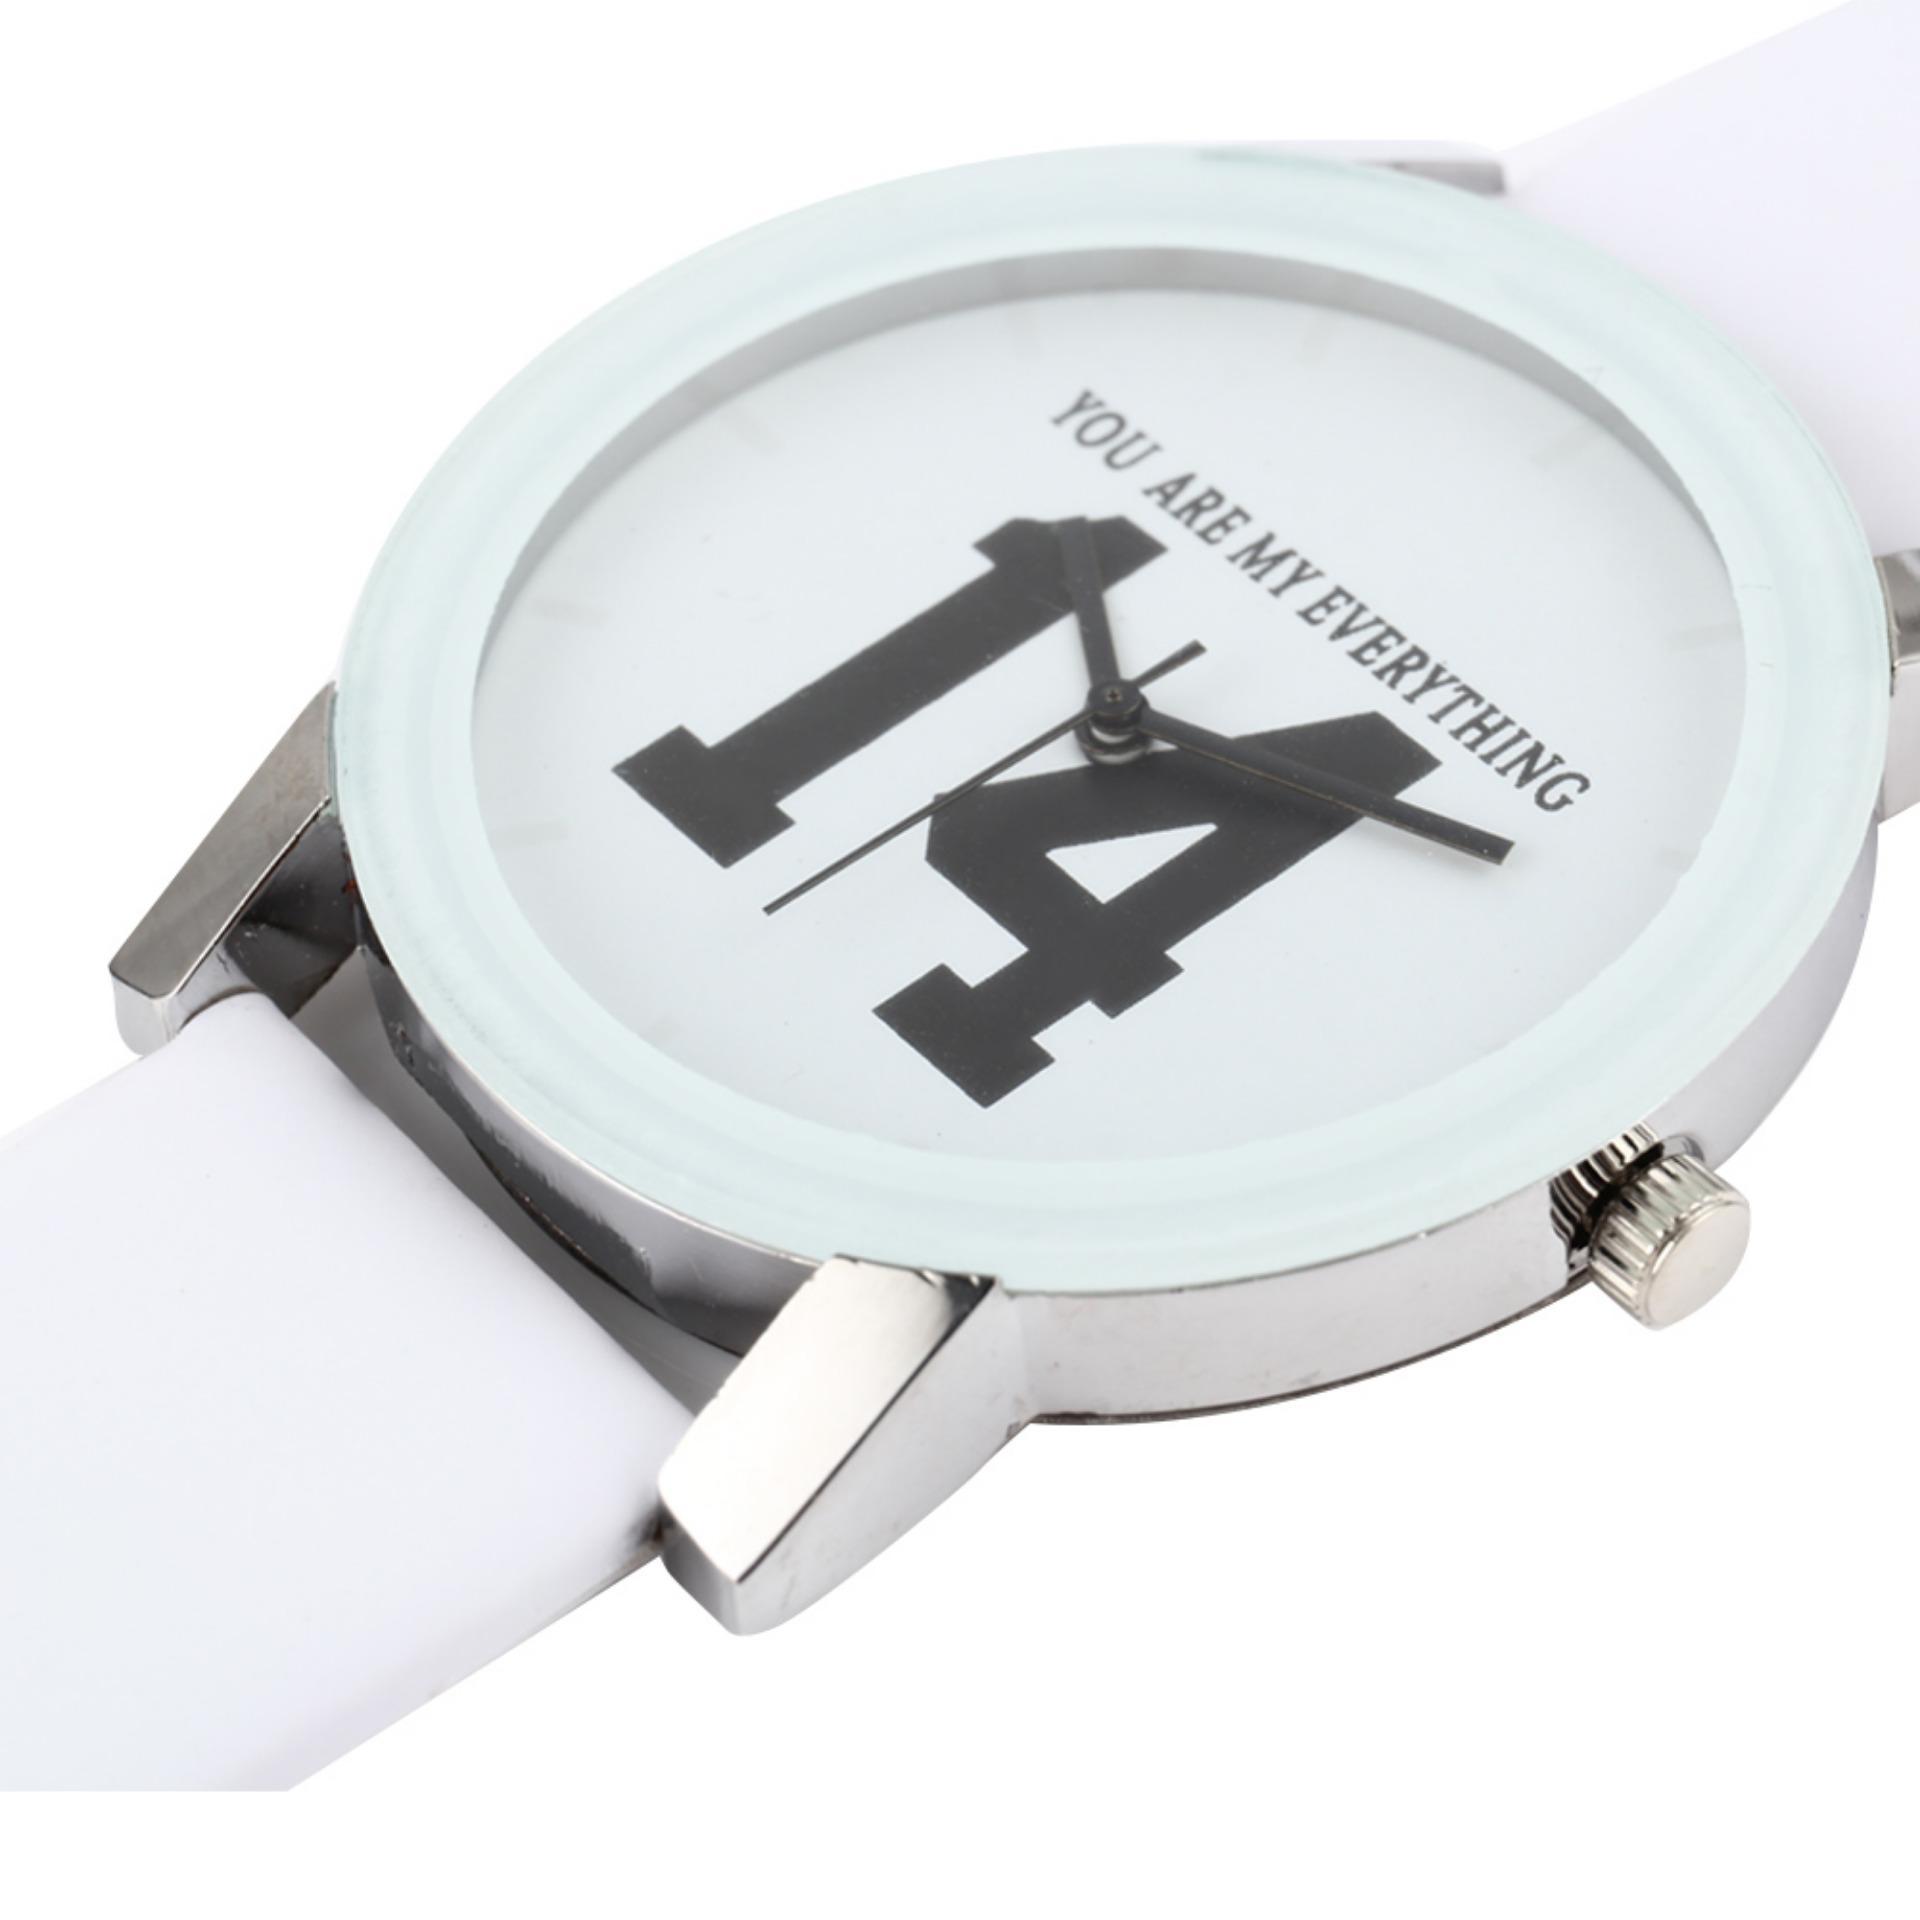 YBC kekasih angka Dial jam tali kulit kuarsa jam Analog untuk wanita - Internasional .